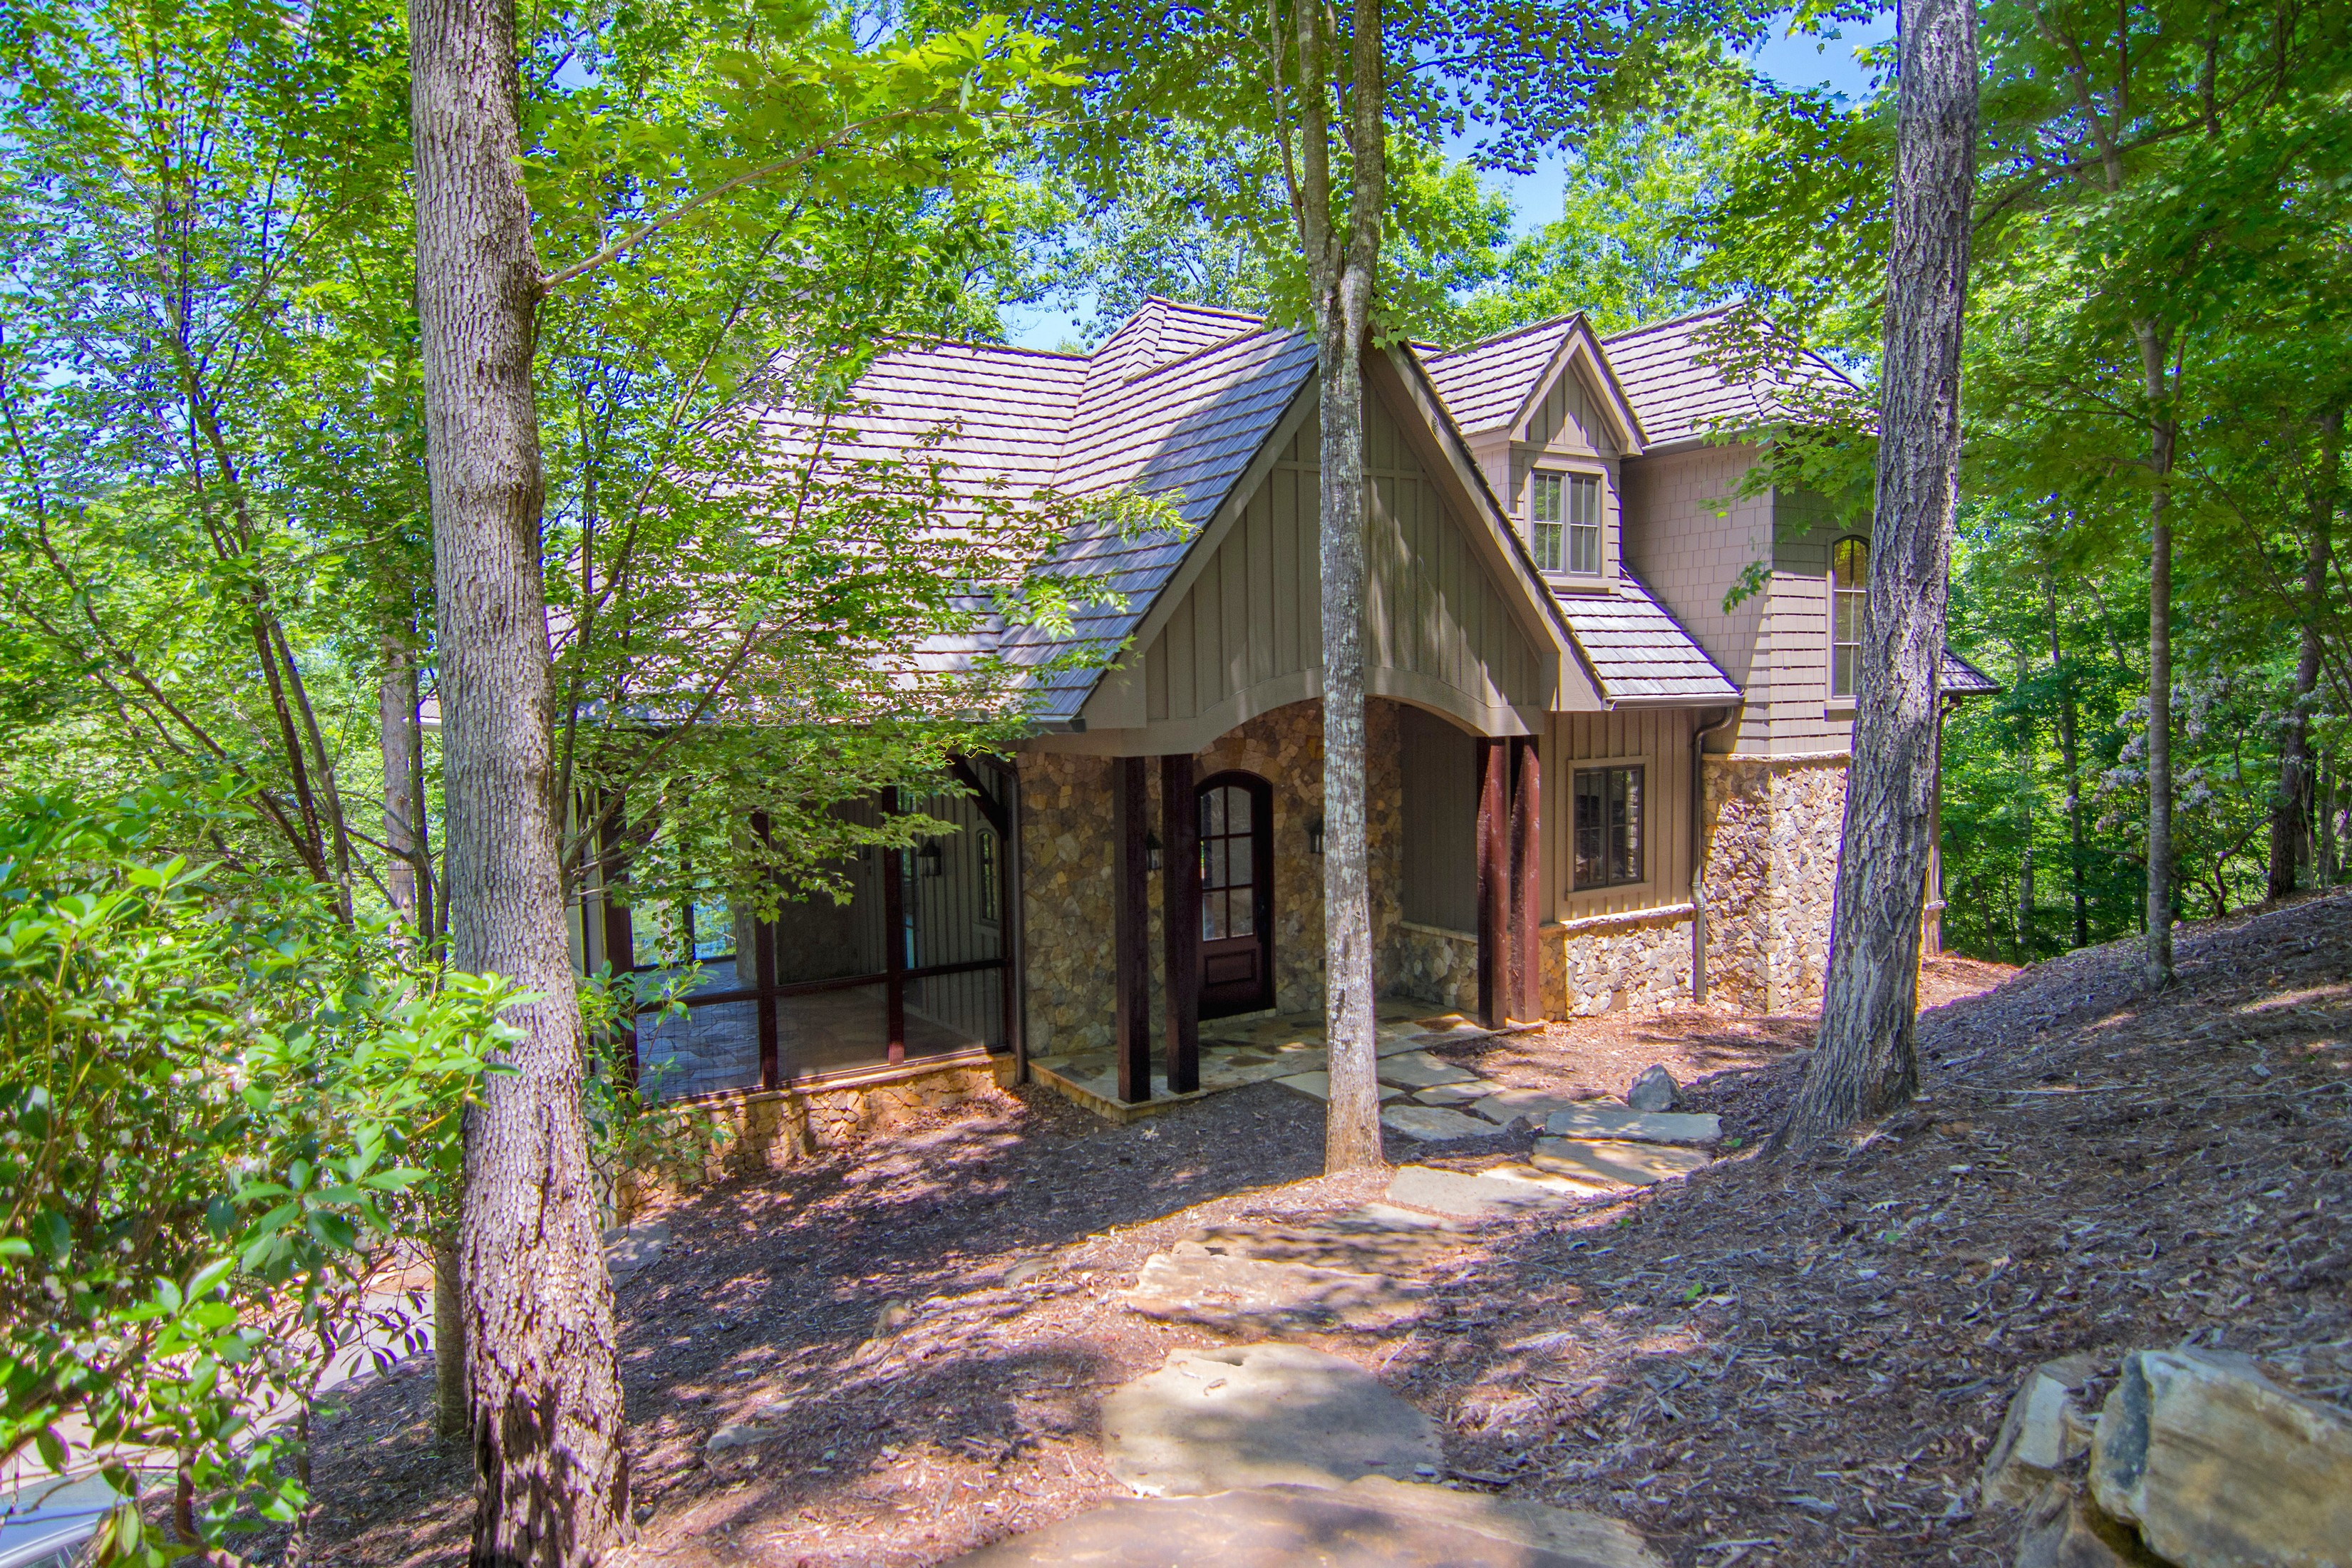 Villa per Vendita alle ore Craftsman Style Waterfront Home with Impressive Lake & Mountain Views 207 Coldwater Drive Sunset, Carolina Del Sud, 29685 Stati Uniti